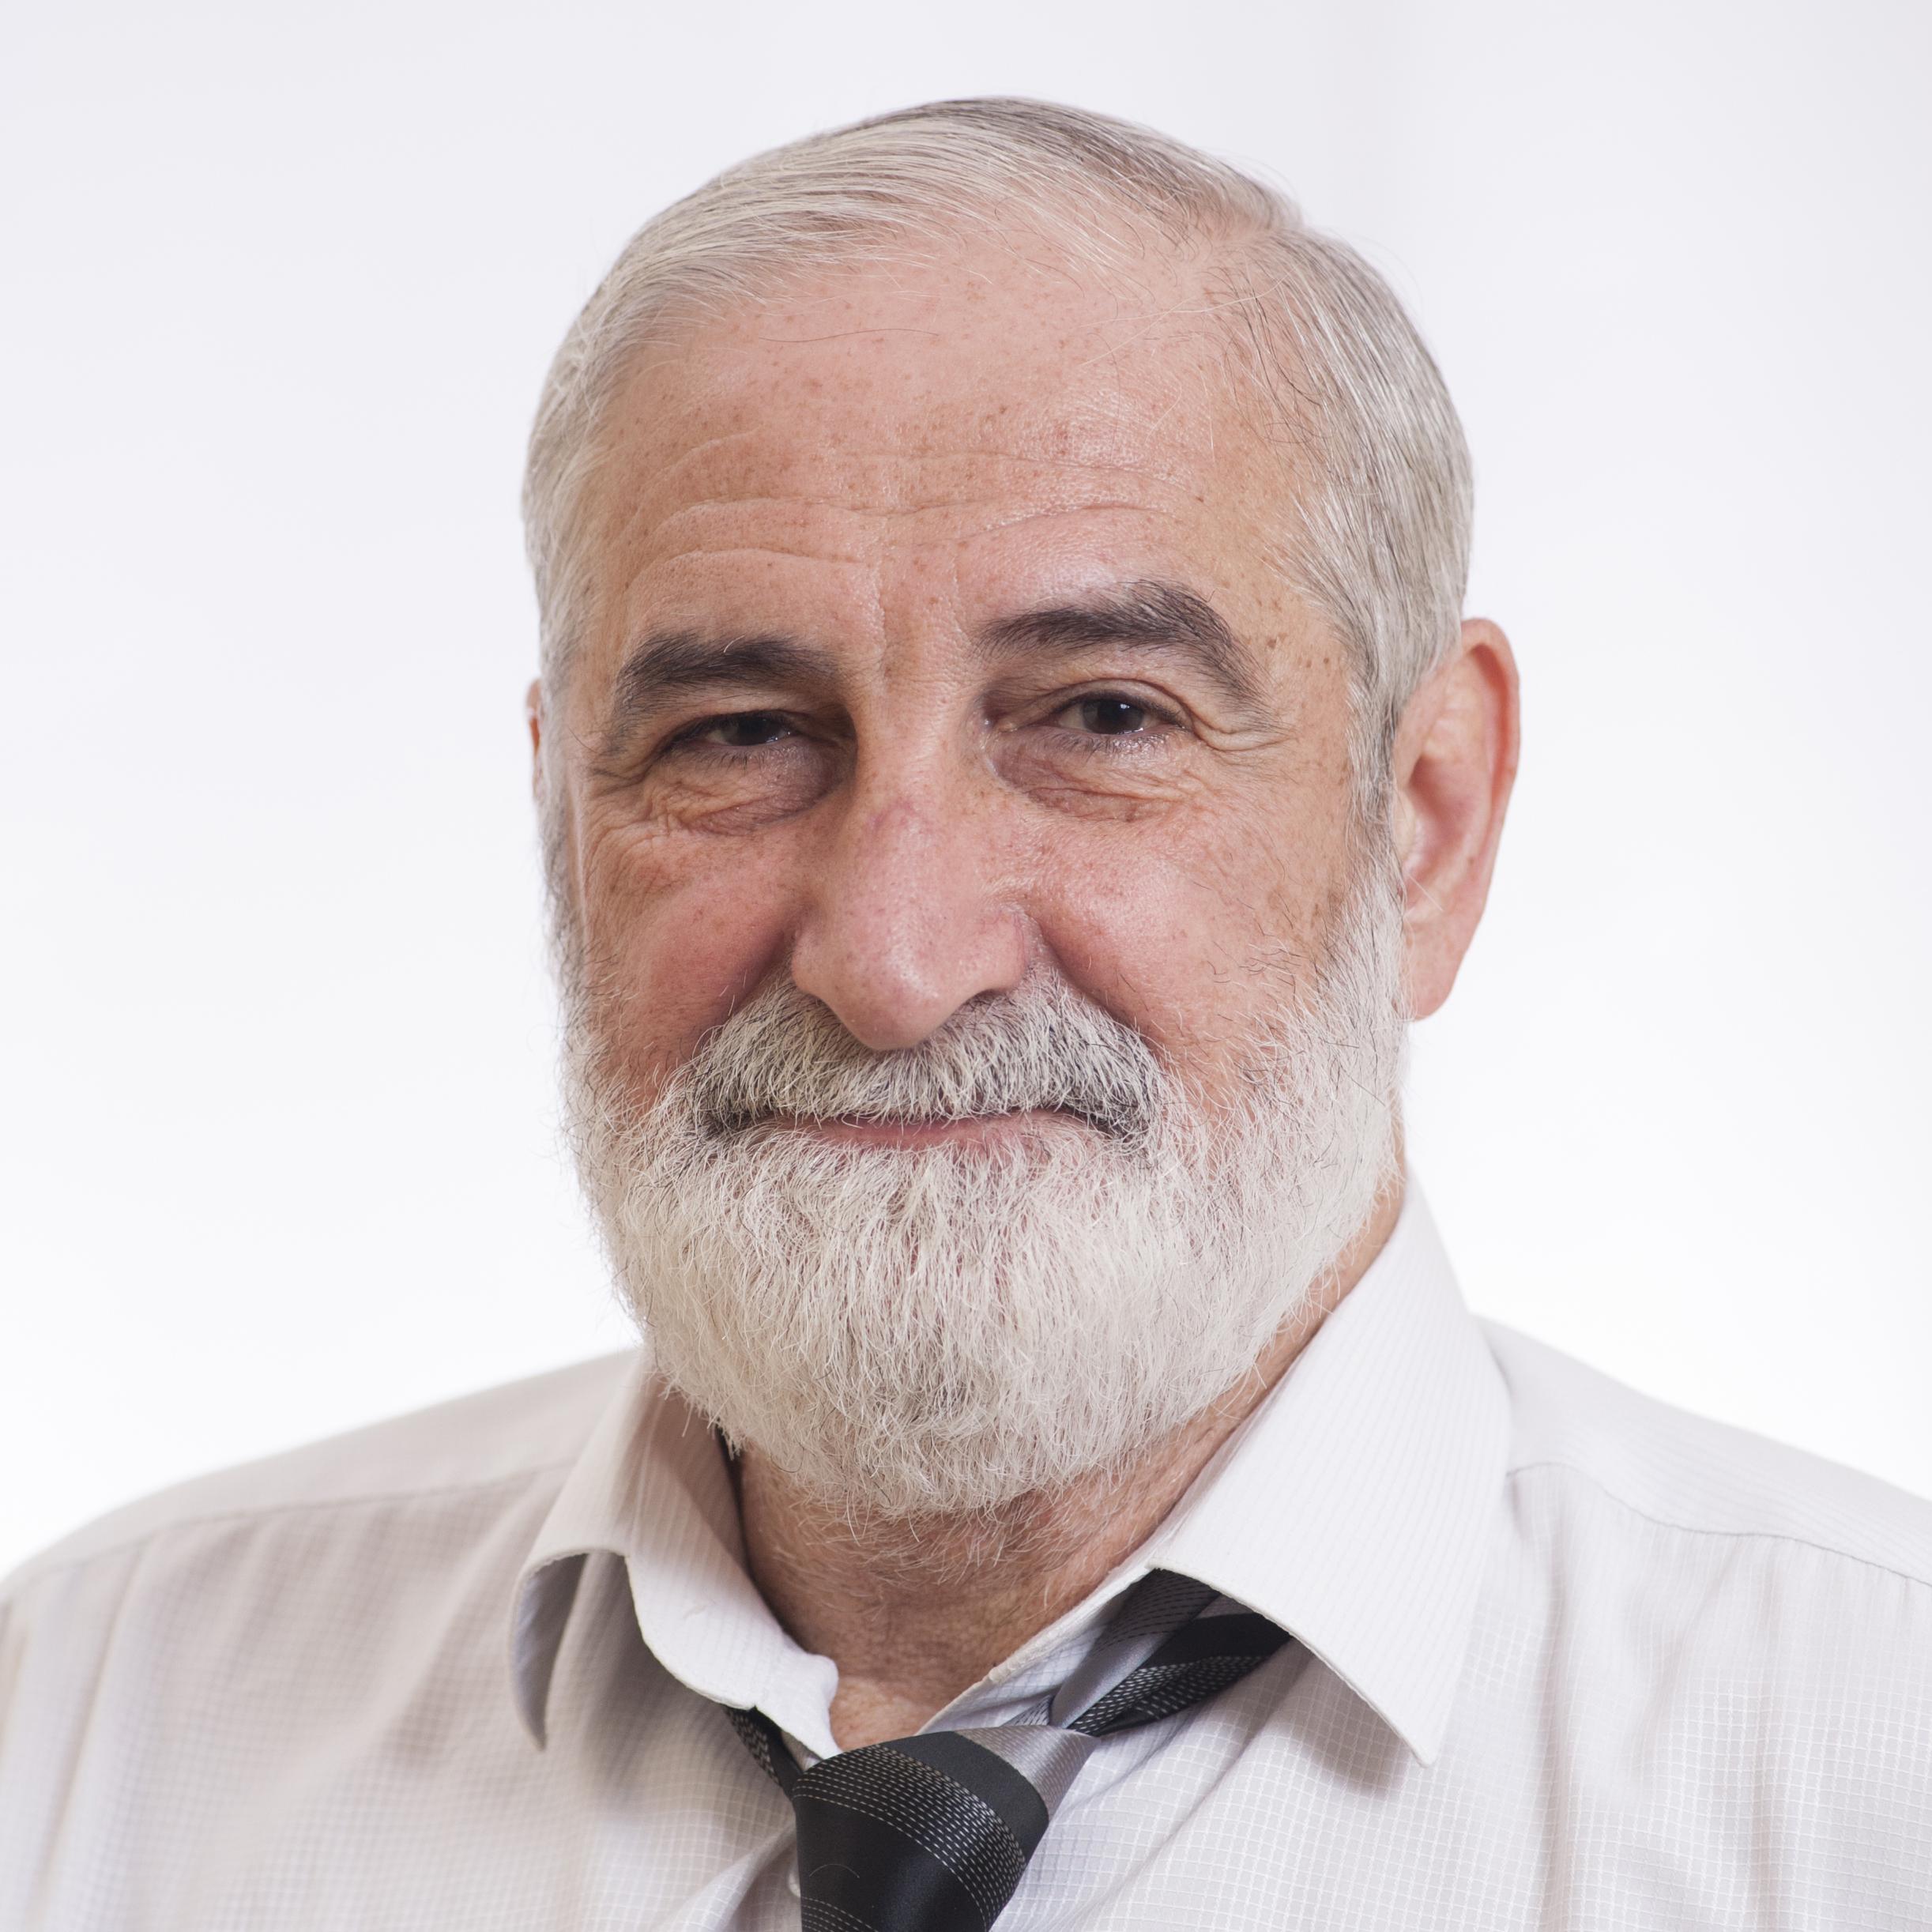 Pərviz Bağırov